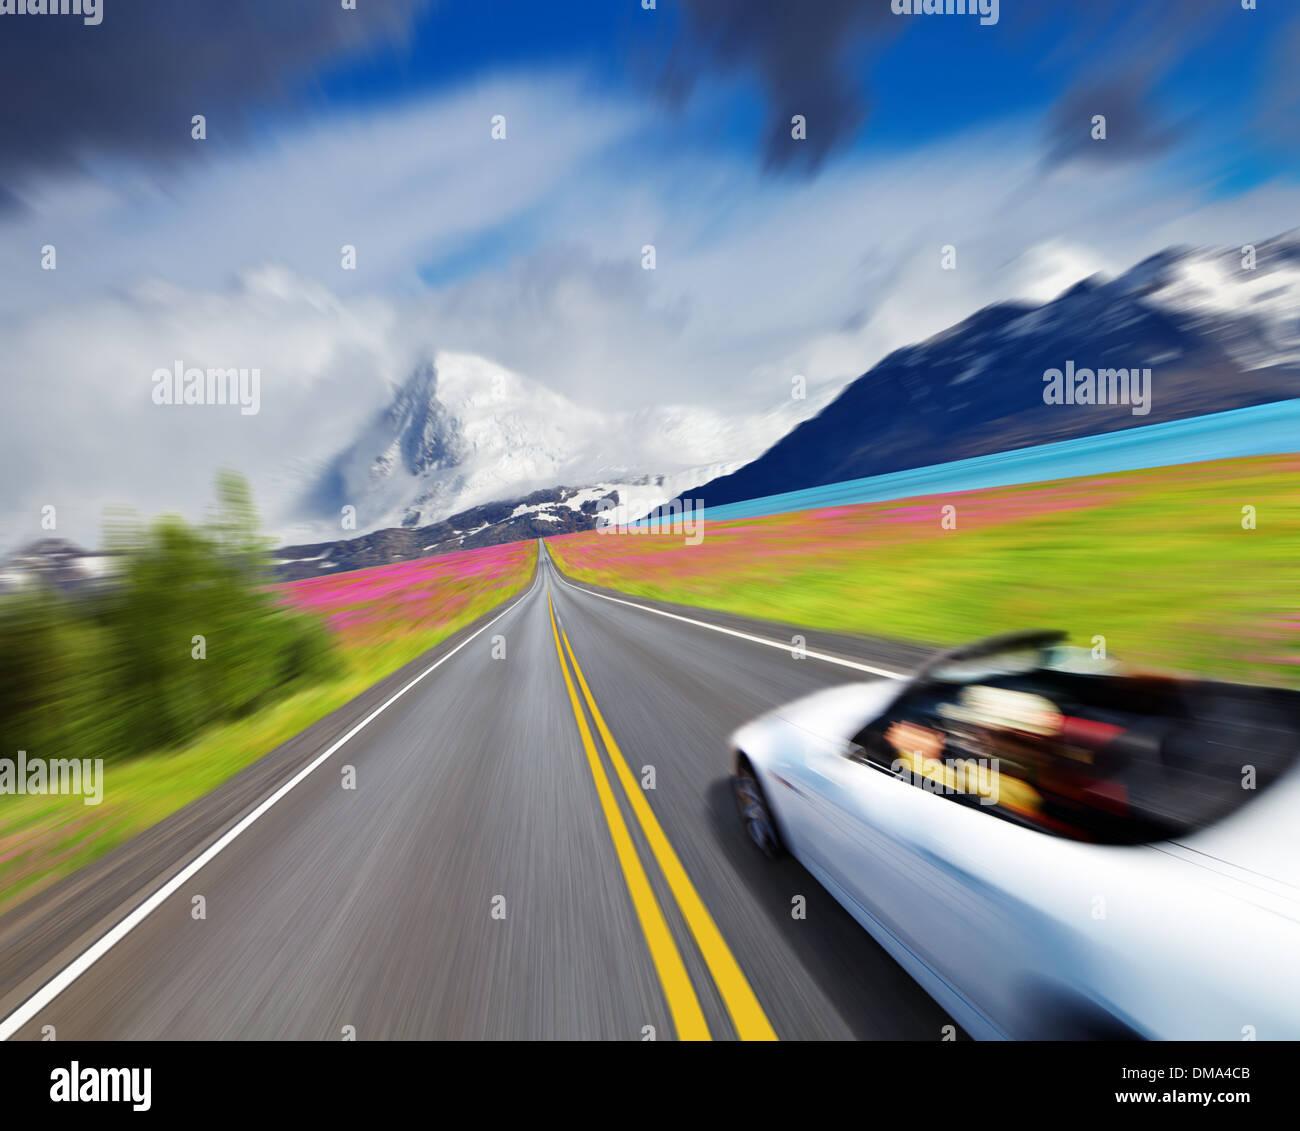 Paesaggio di montagna con la strada e la vettura sportiva in motion blur Immagini Stock